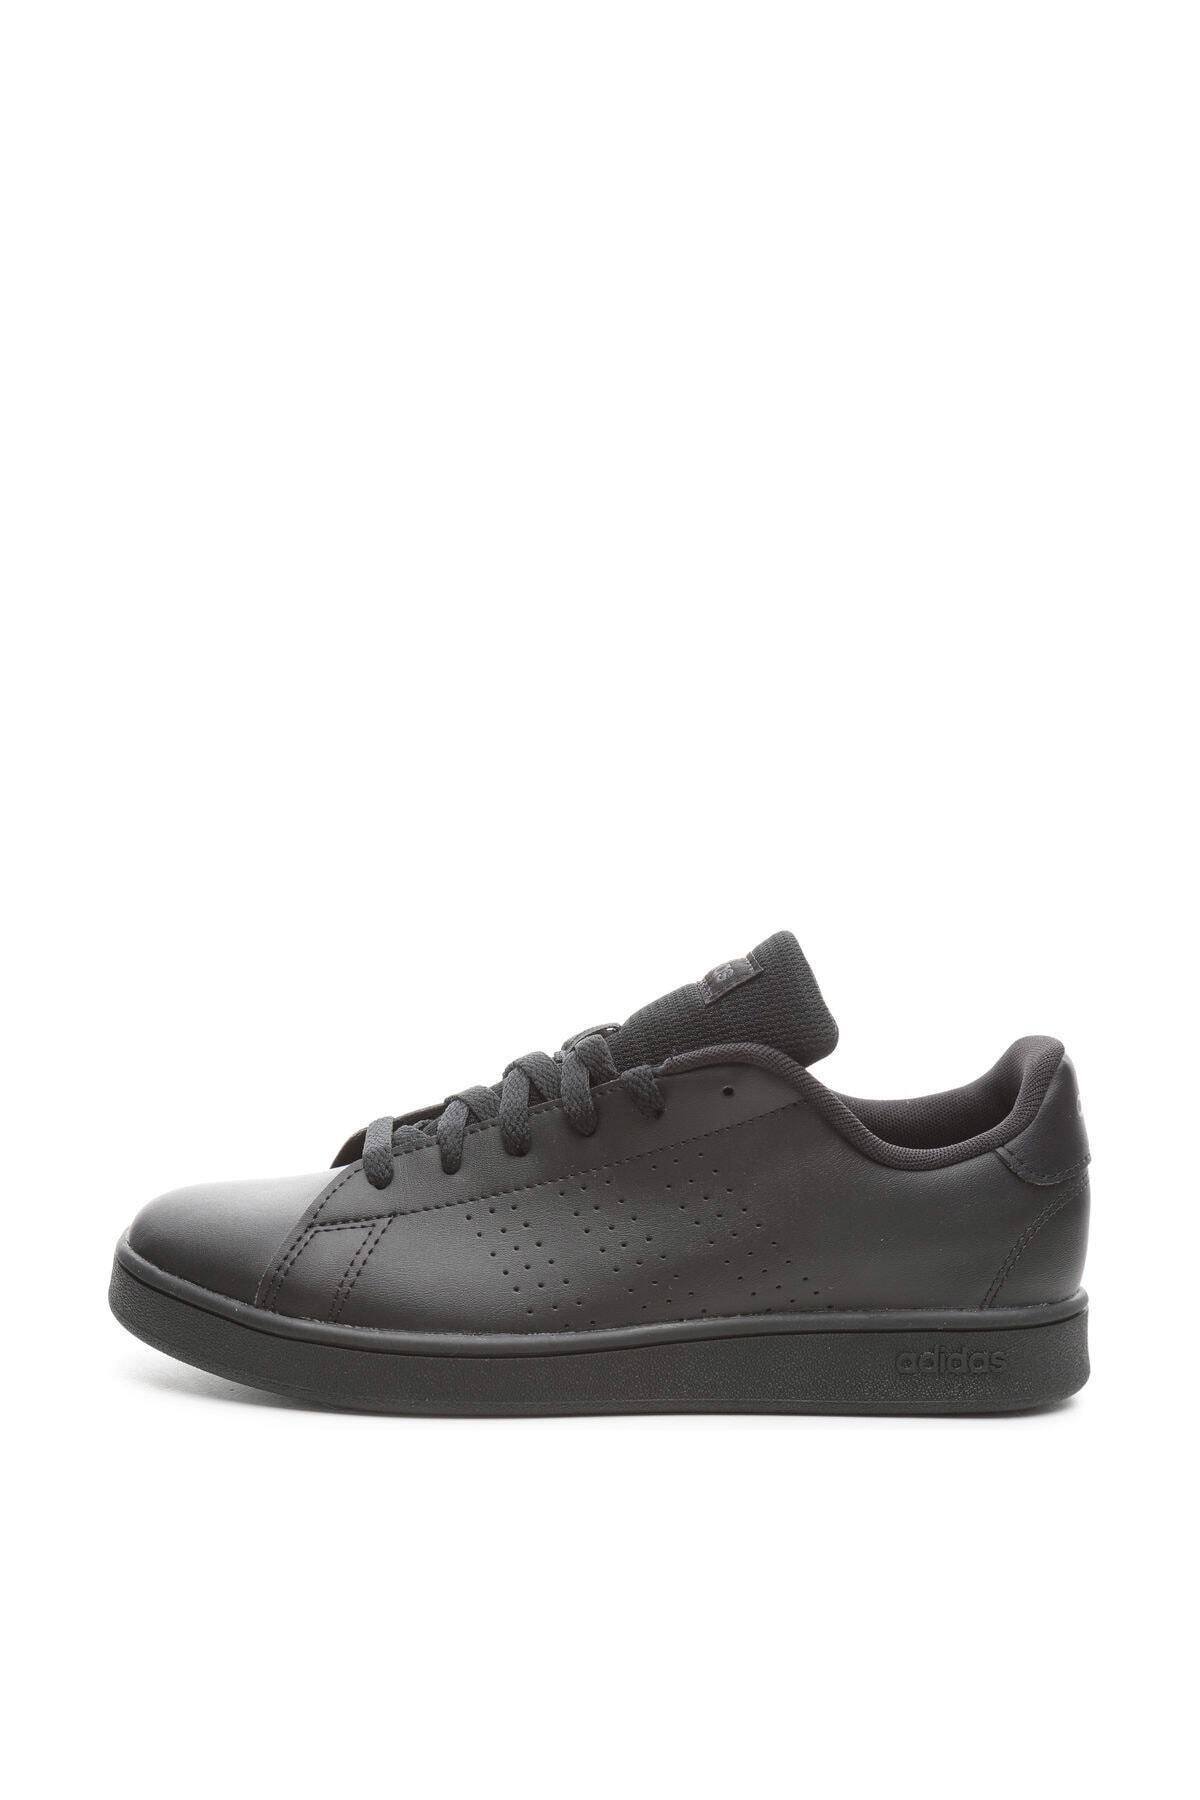 adidas ADVANTAGE K Siyah Erkek Çocuk Sneaker Ayakkabı 100479437 1